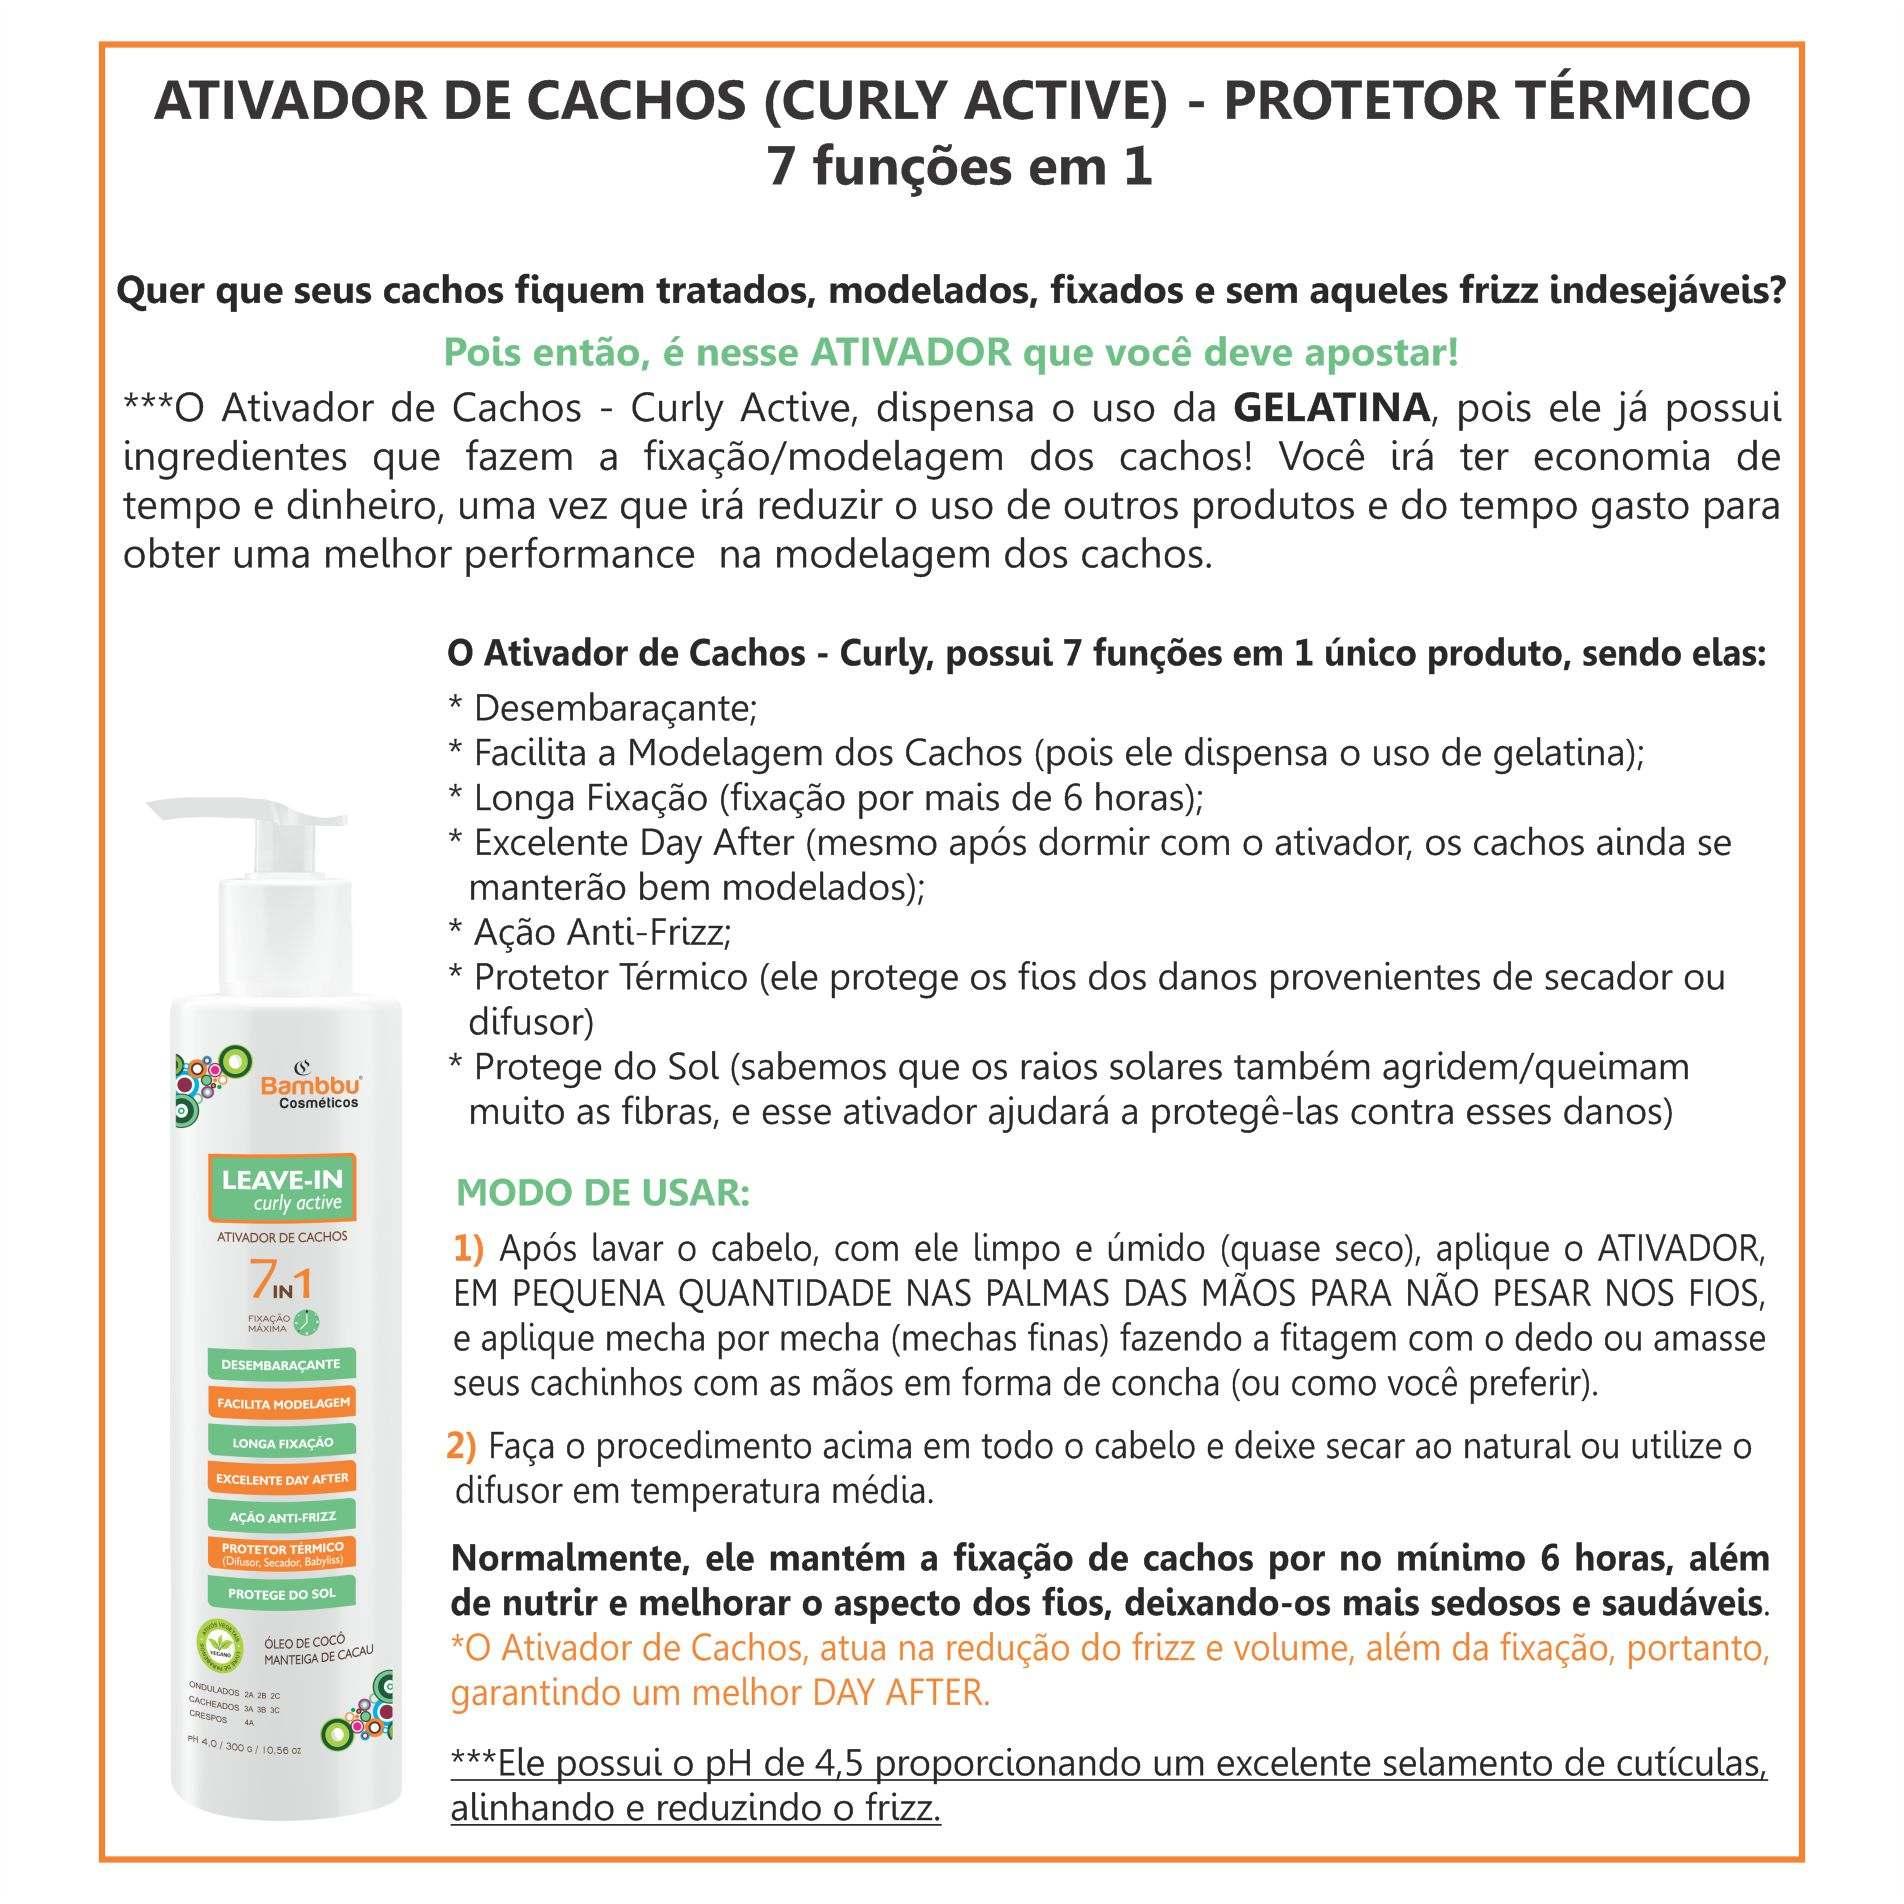 Ativador de Cachos e Protetor Termico de Alta Fixação 300g - 7 funções em 1